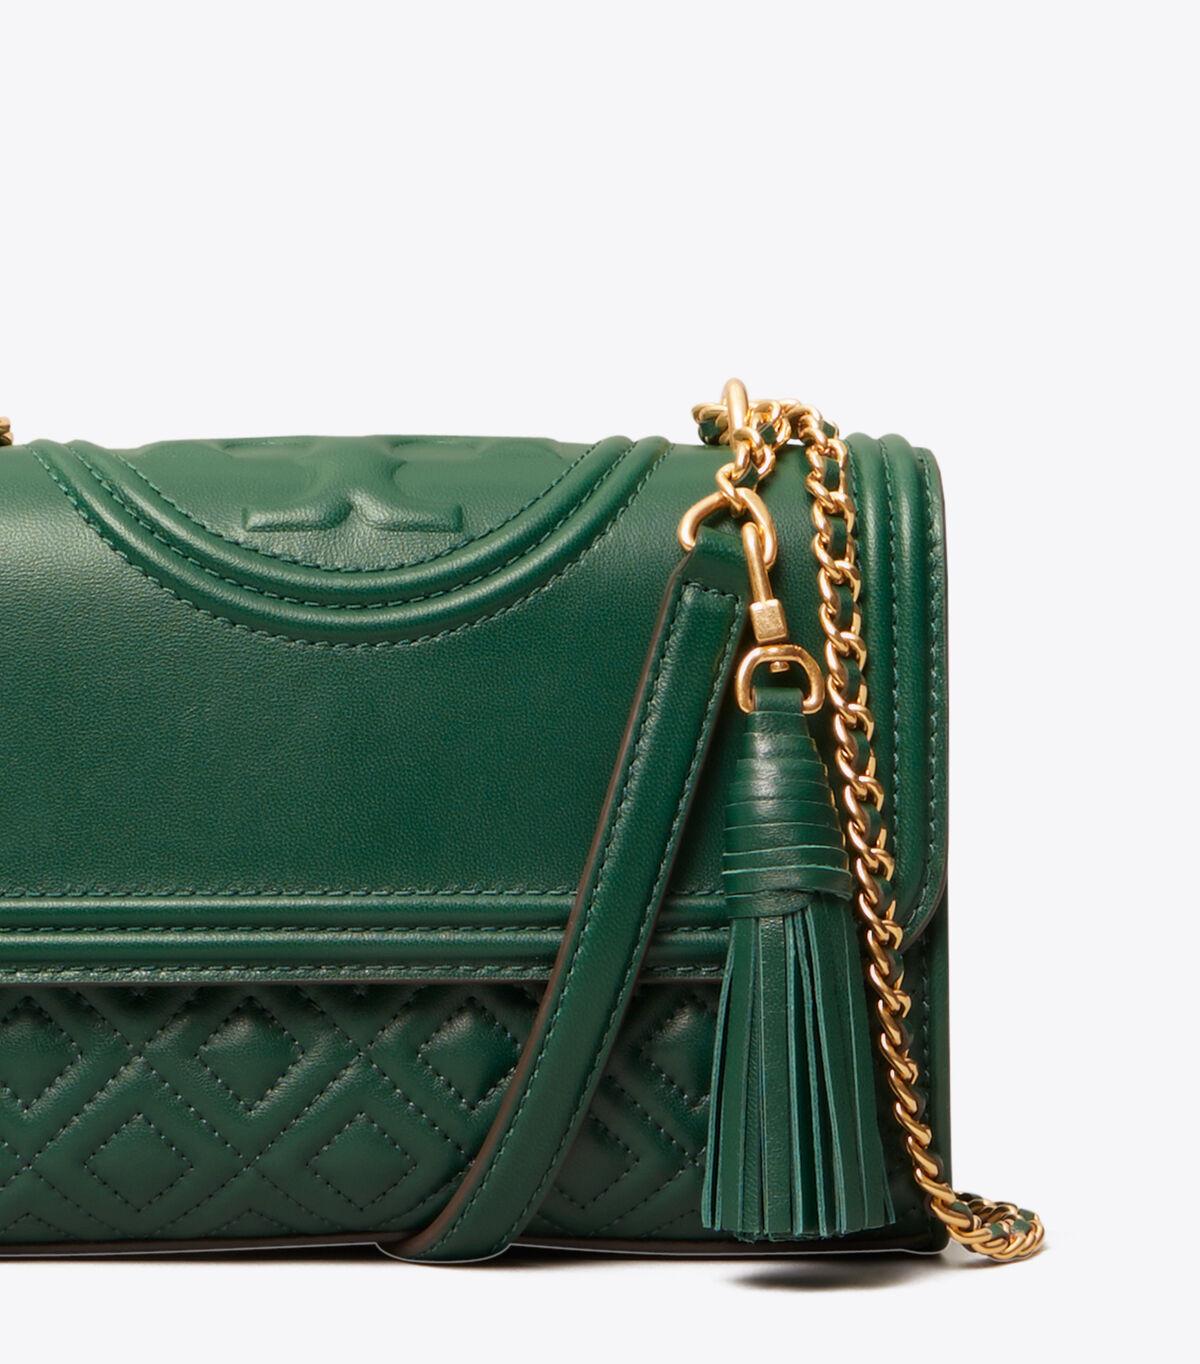 حقيبة كتف صغيرة فليمنغ قابلة للتغيّر | 318 | حقائب كتف